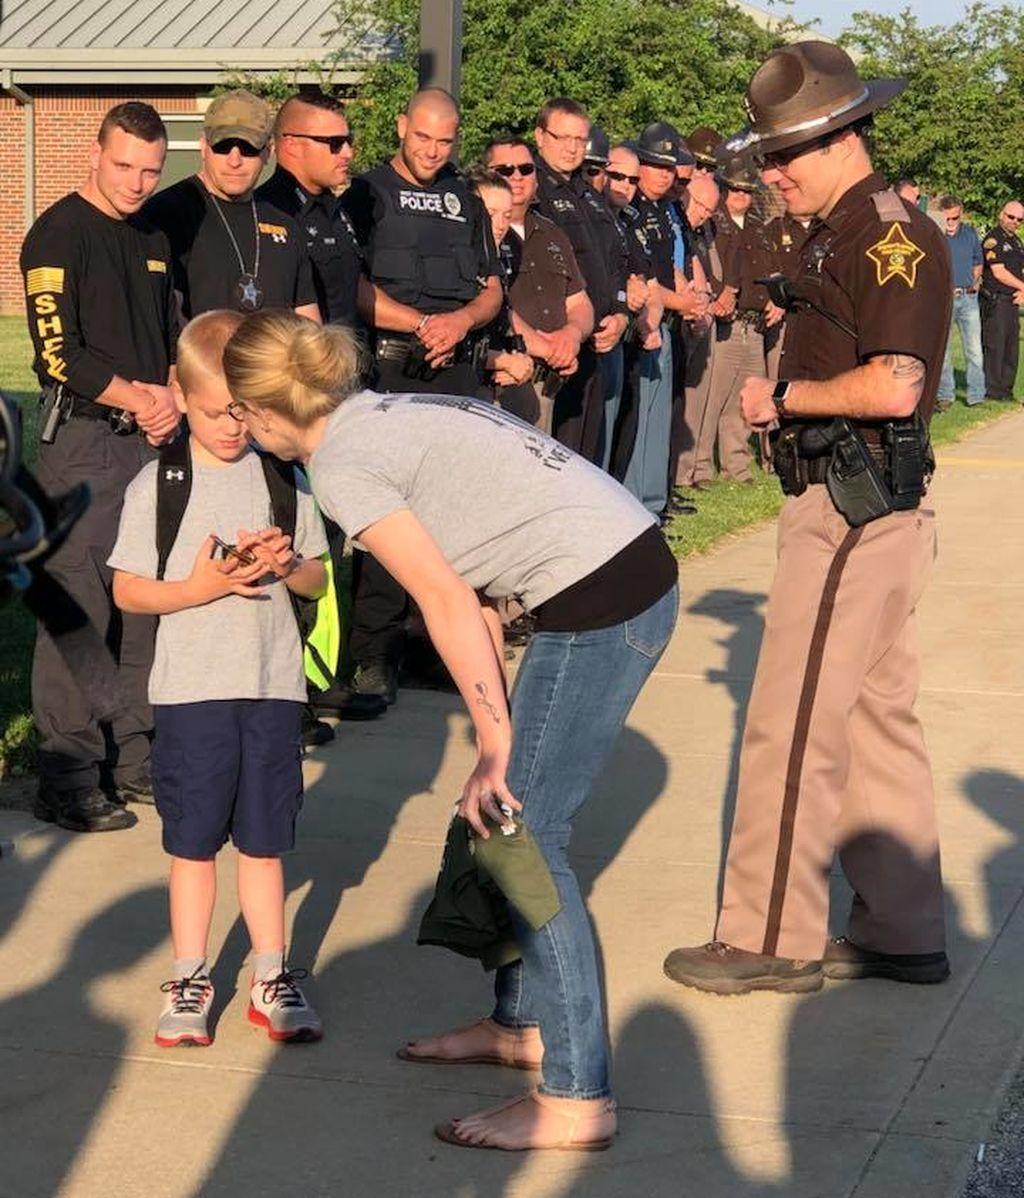 Su padre murió en acto de servicio: en su vuelta al cole, 70 policías escoltaron a Dakota